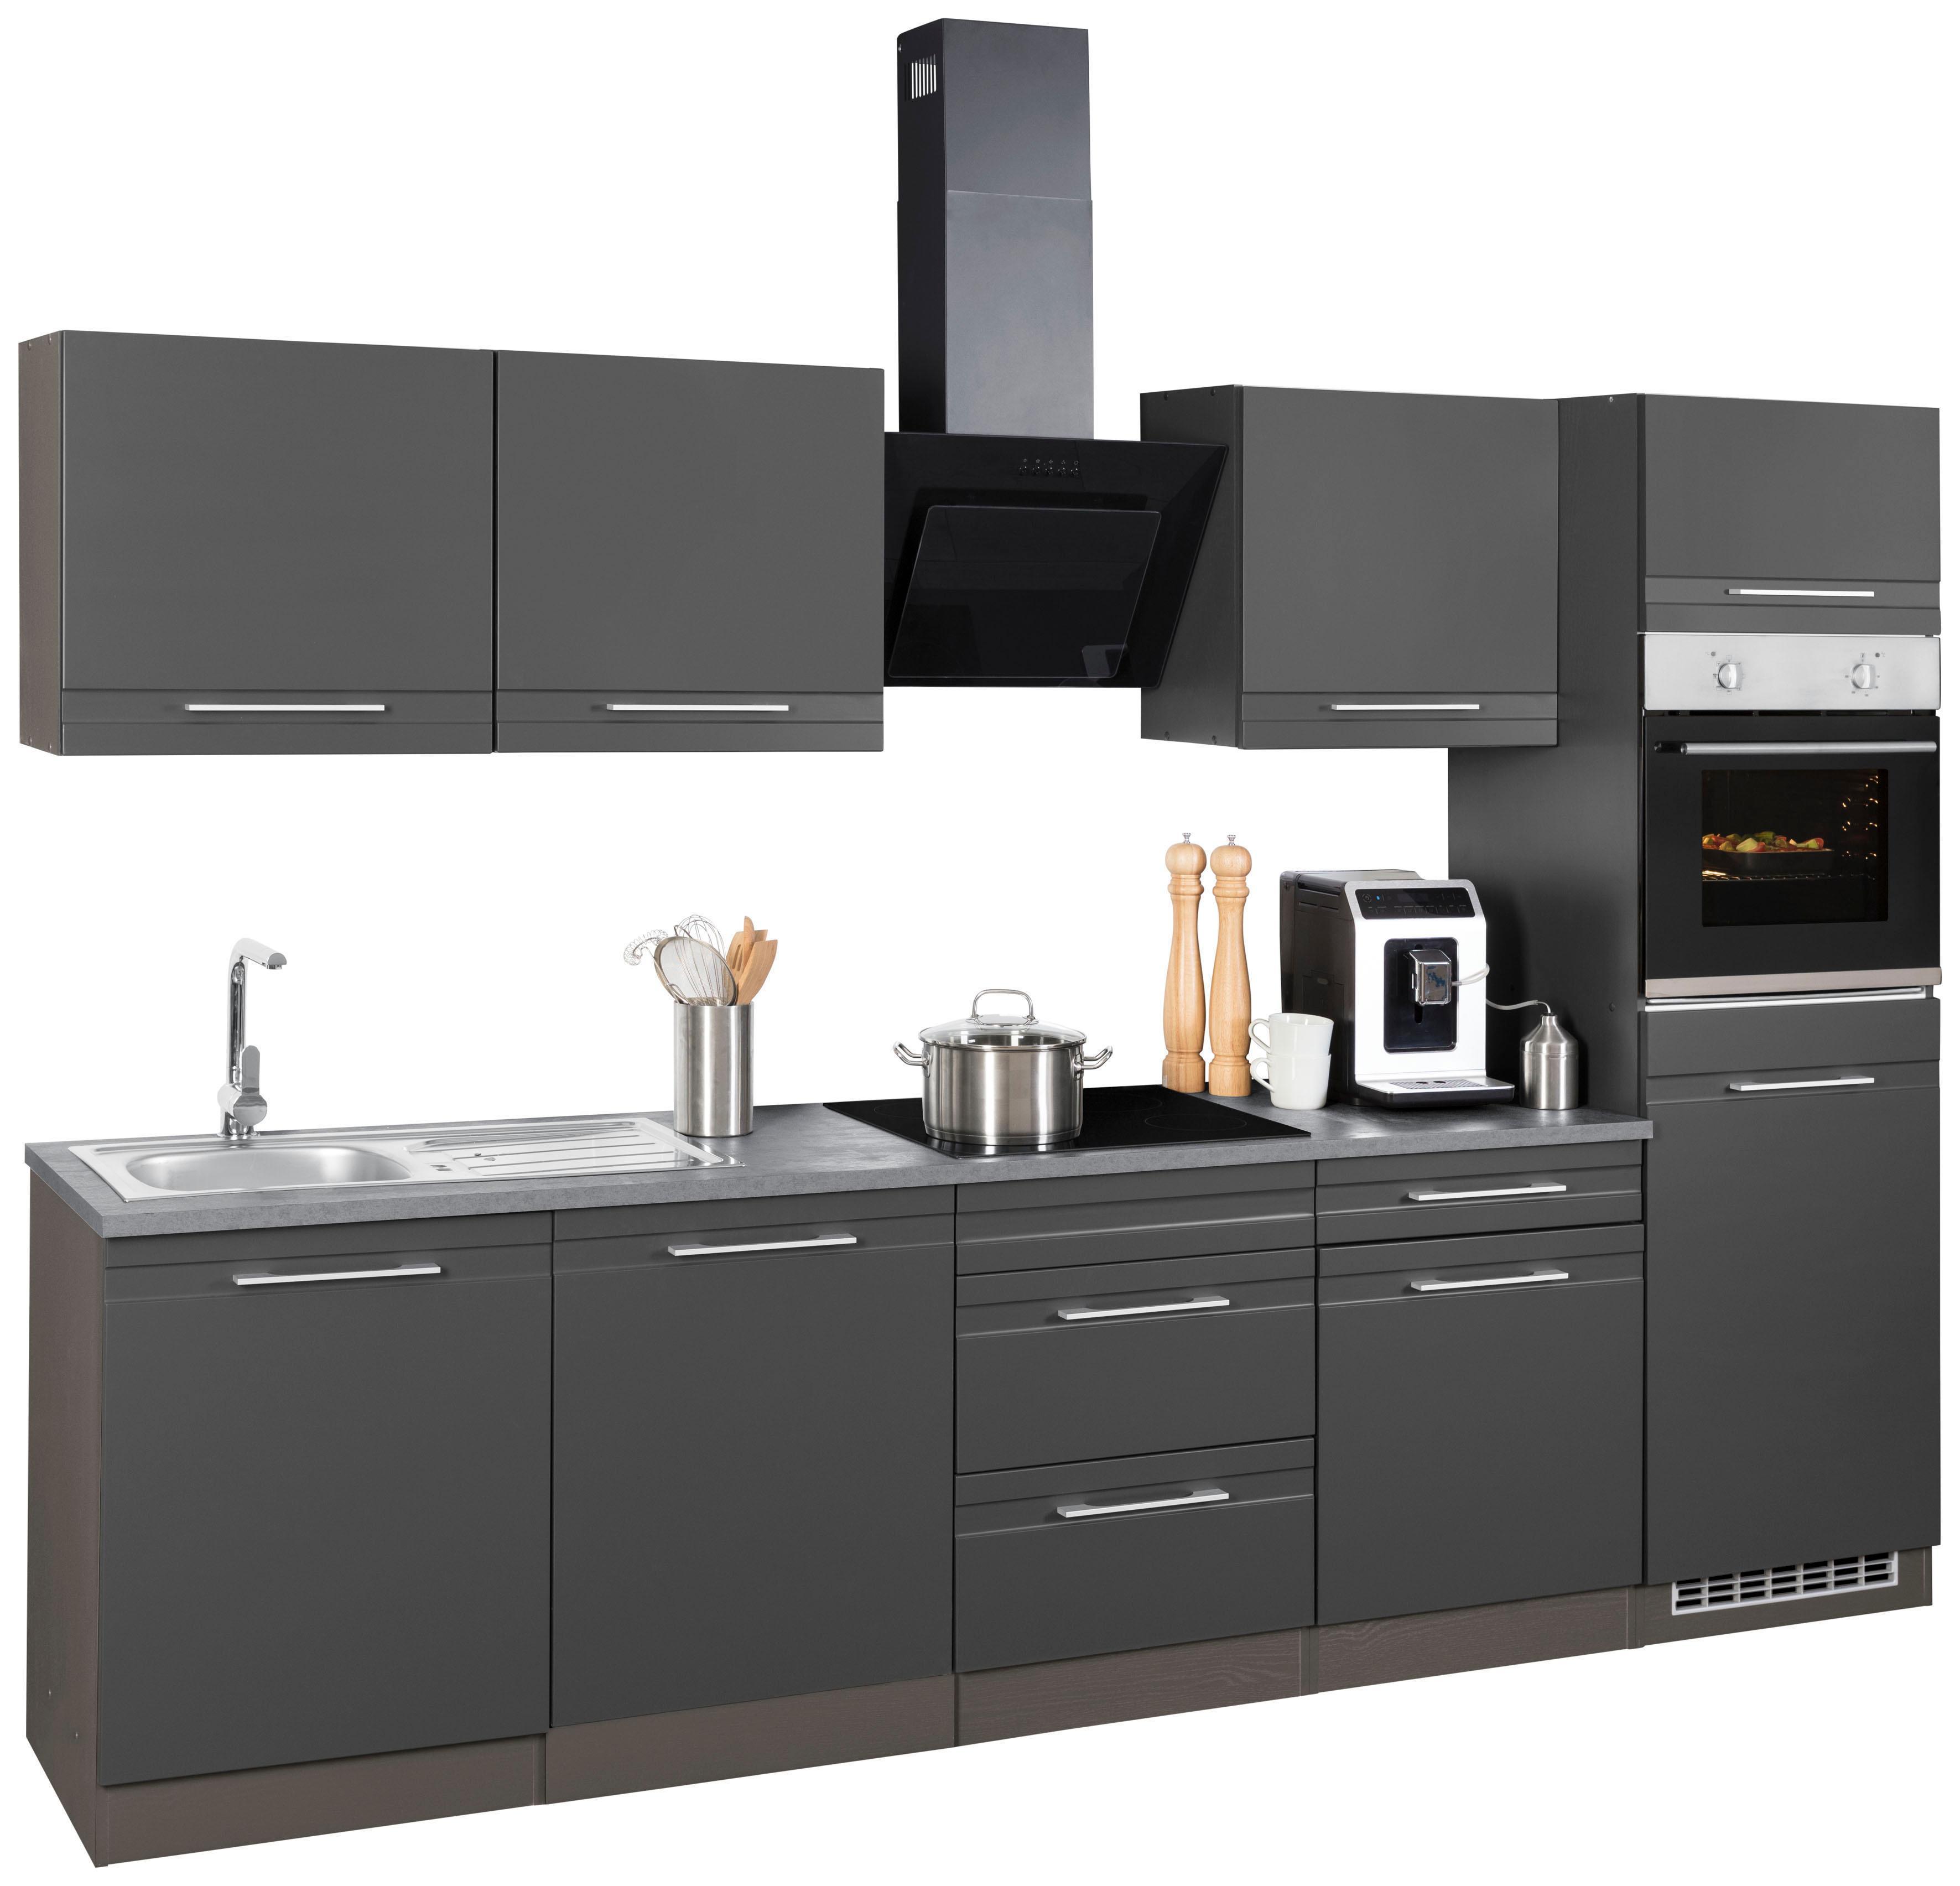 Held Möbel Küchenzeile Ohne E Geräte Mito Breite 300 Cm Moebel